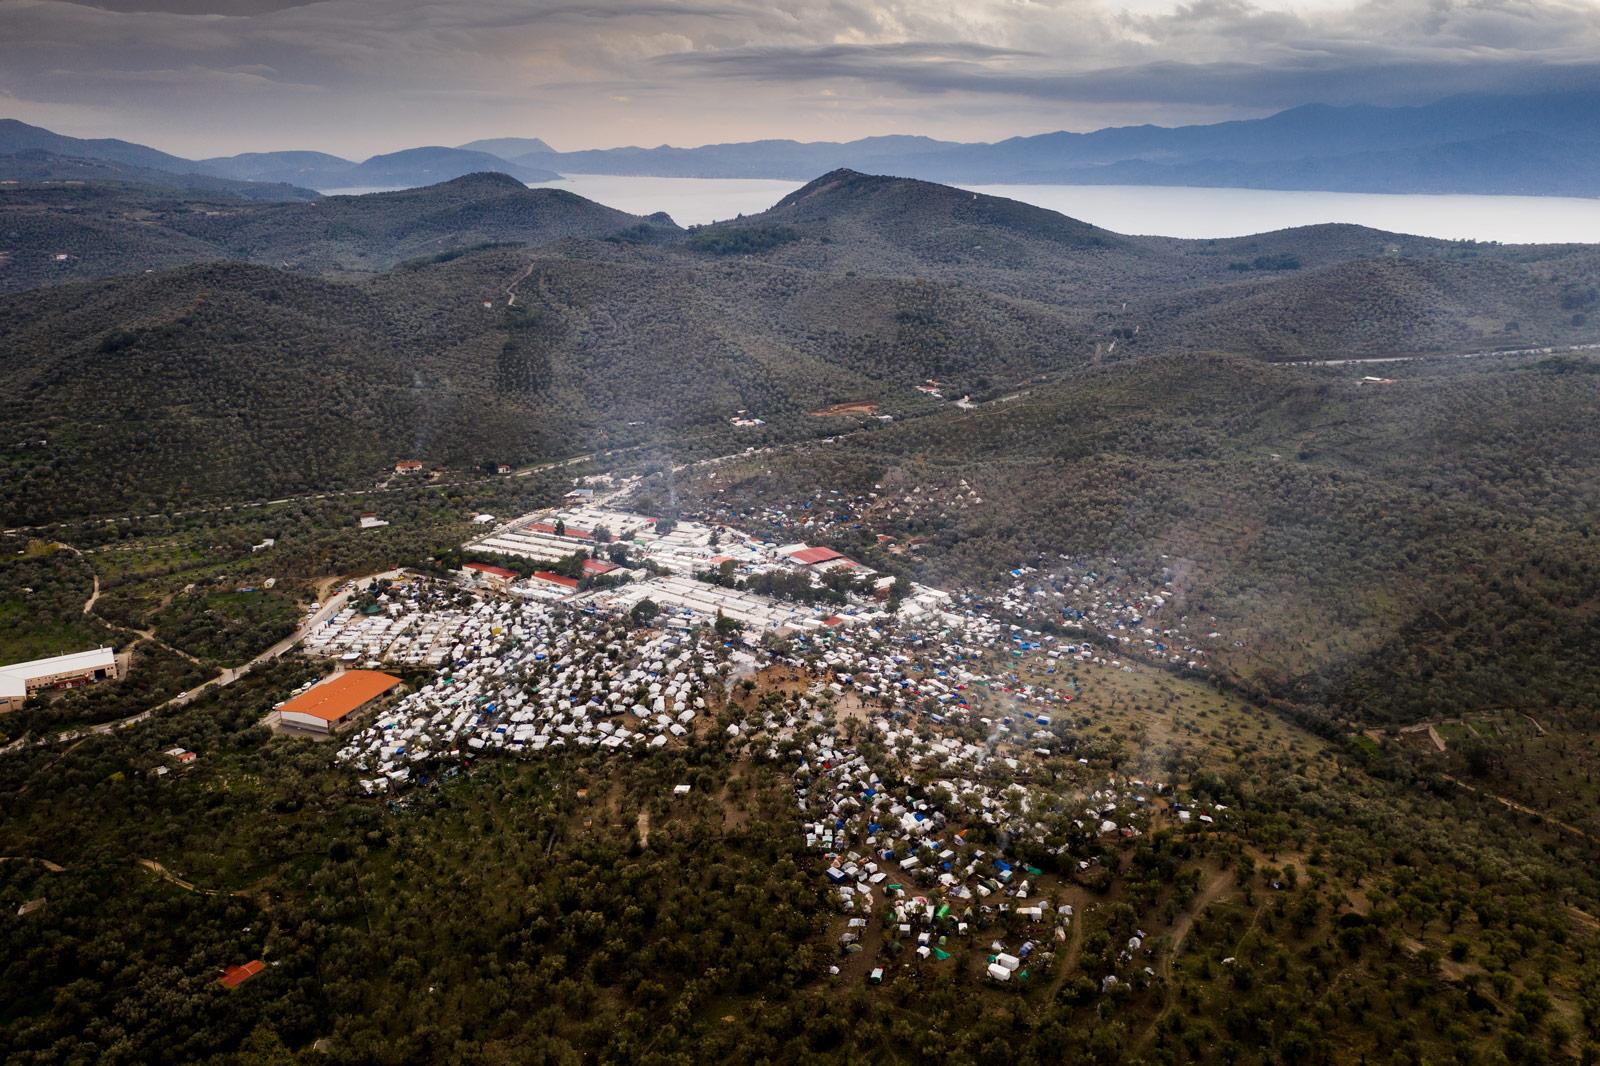 Flüchtlingslager Moria, Griechenland © Kollektiv25